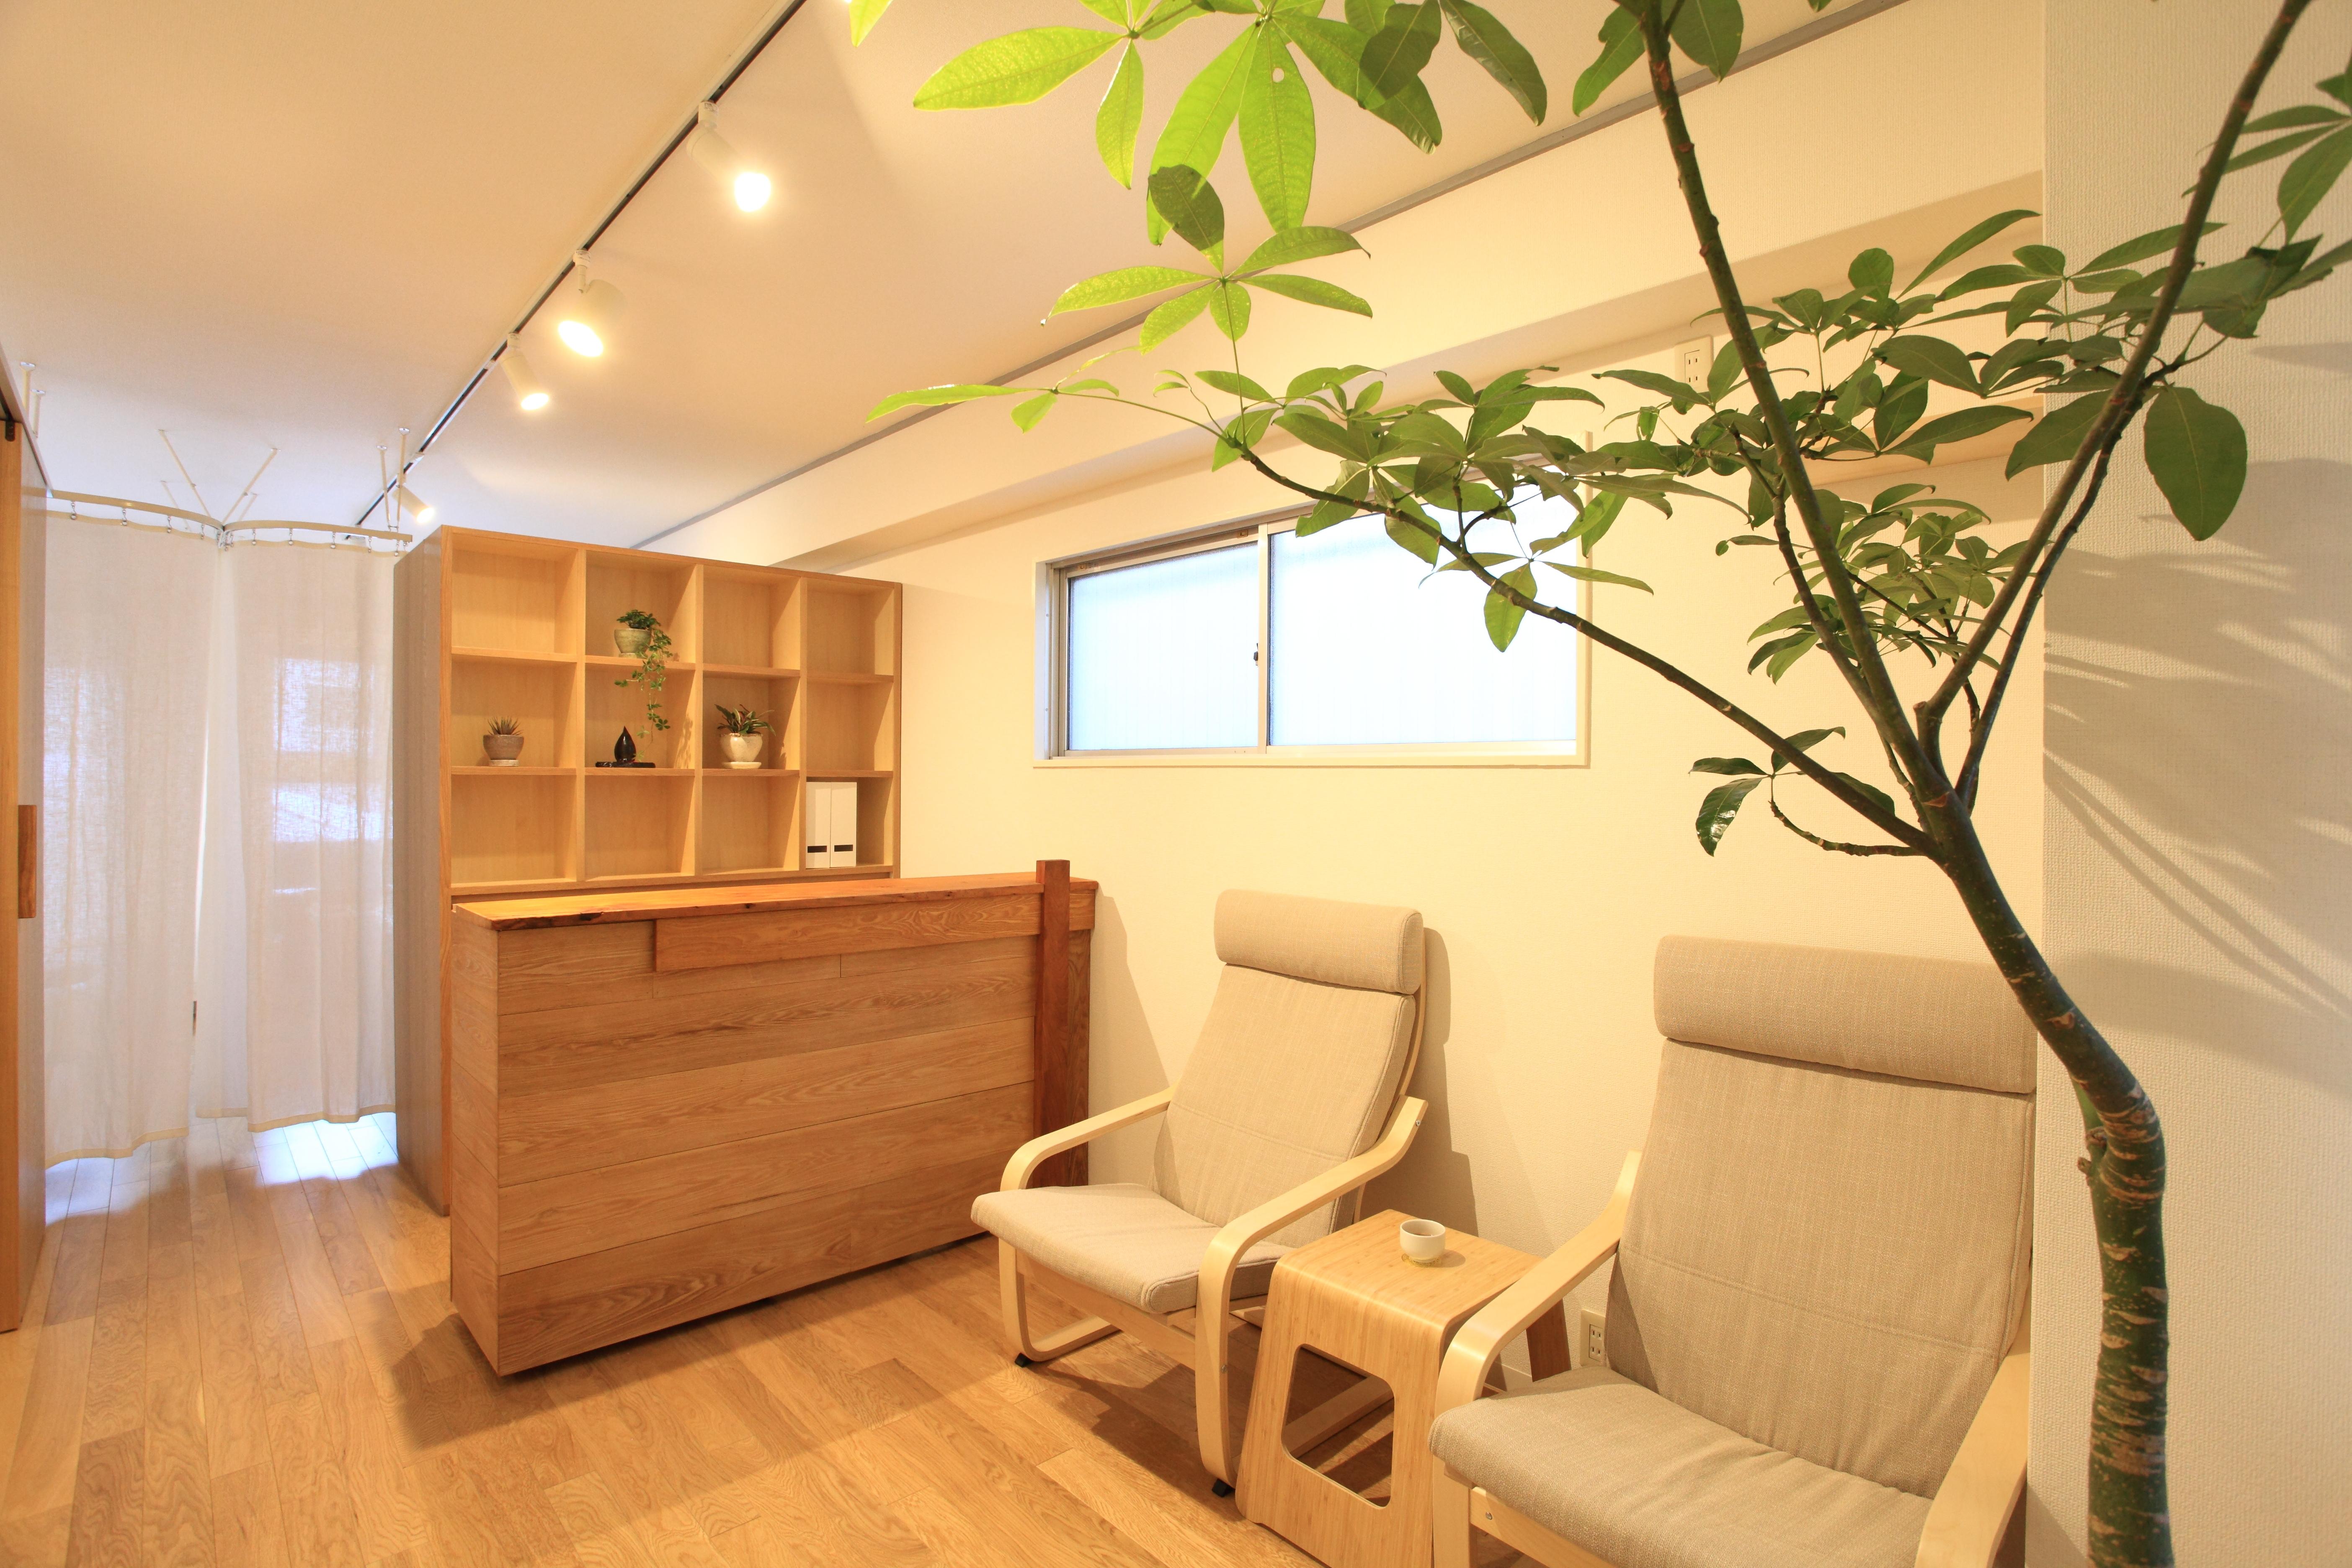 レンタルサロン「三六九堂」の室内の写真